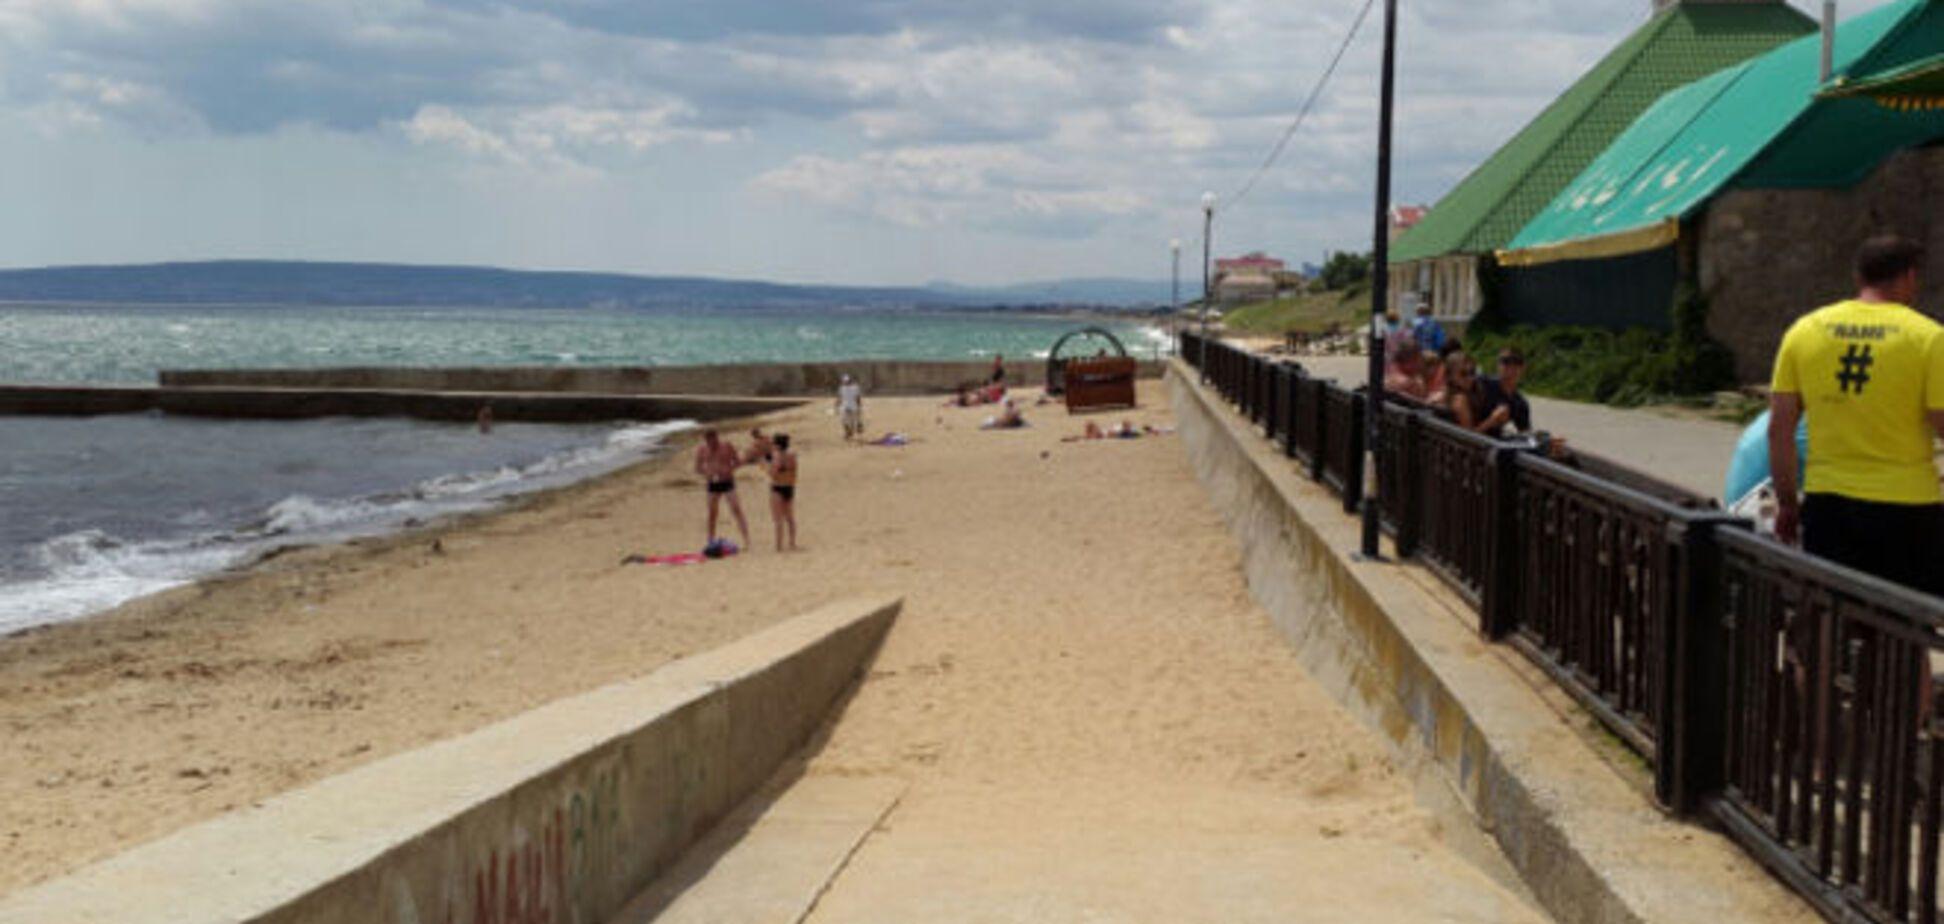 Как выглядит 'туристический бум' в Феодосии, Судаке и Коктебеле